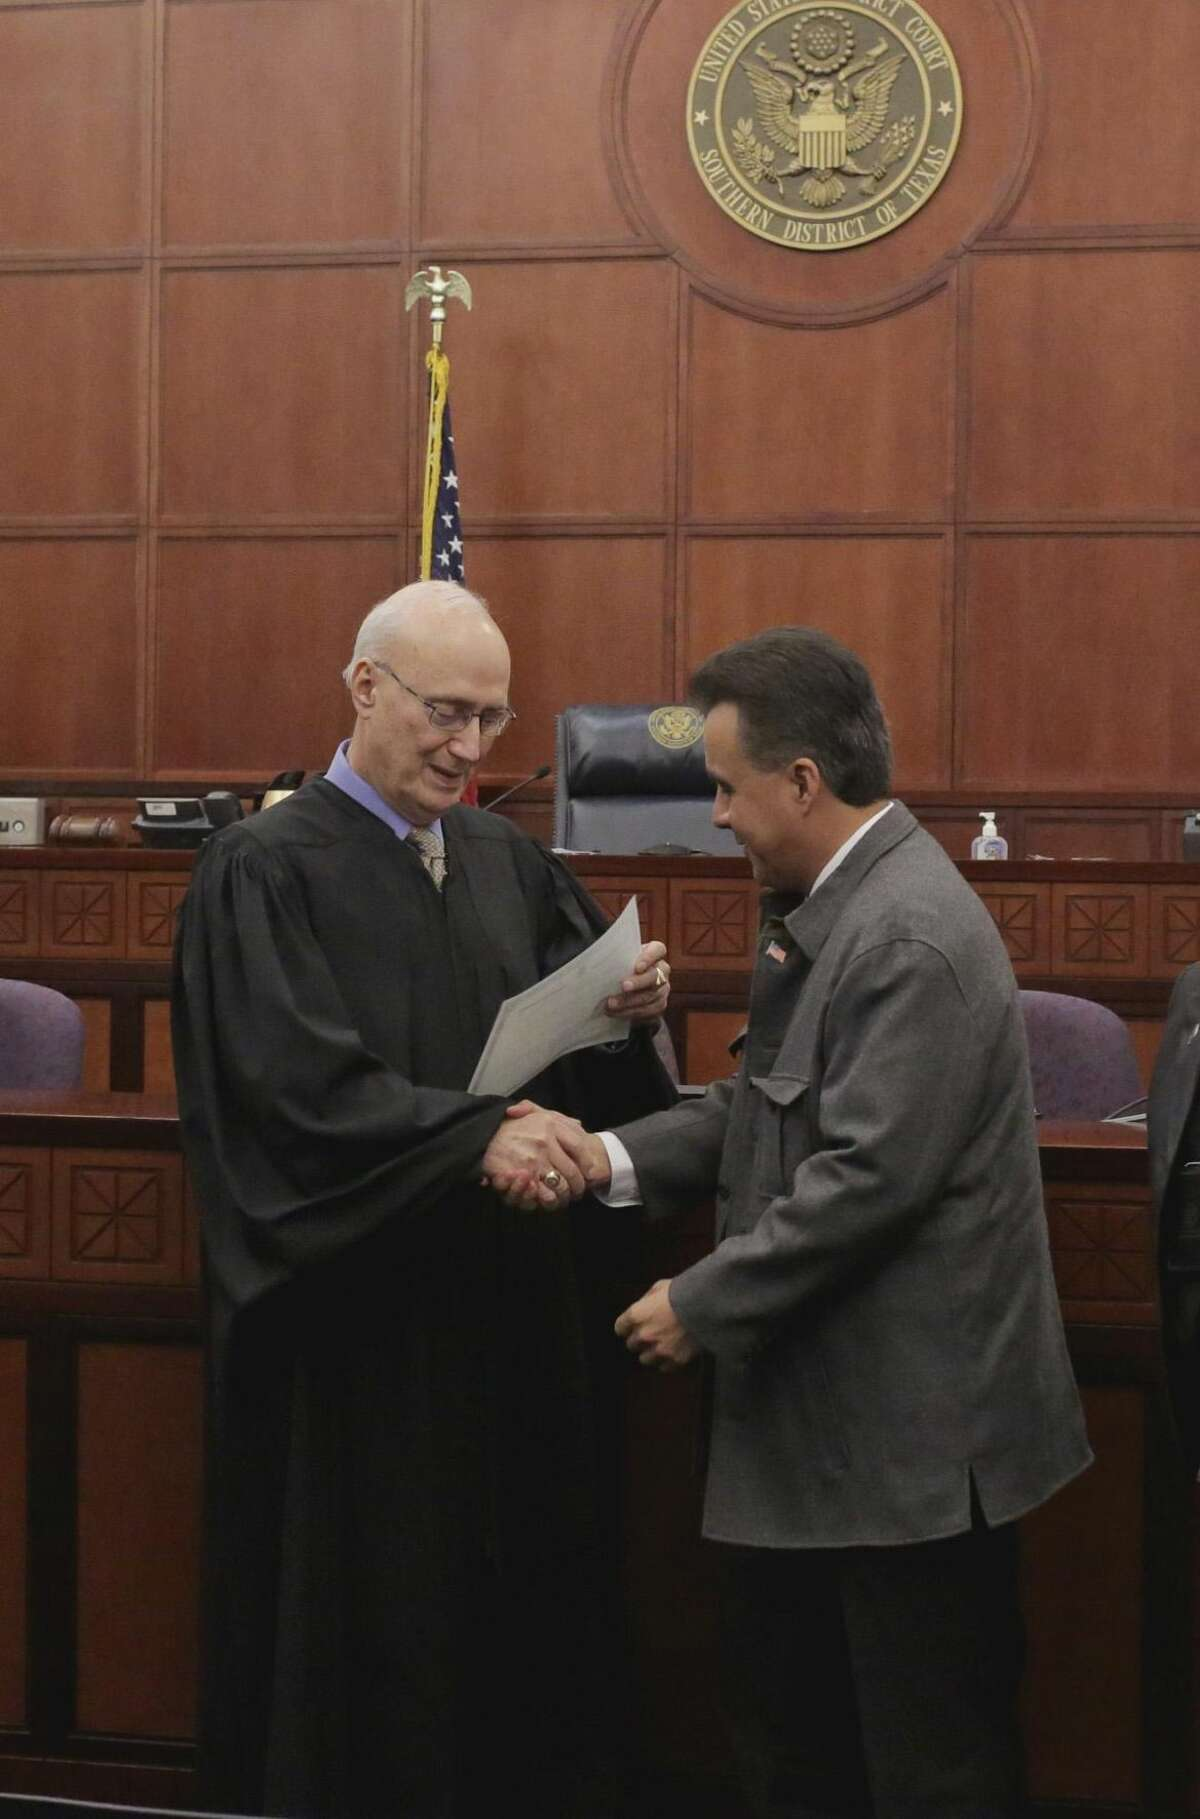 Eusebio San Miguel en felicitado por el Juez de Distrito de EU, George P. Kazen, antes de recibir su Certificado de Naturalización de EU, en la Corte Federal de Laredo, el viernes por la tarde. Foto por Victor Strife